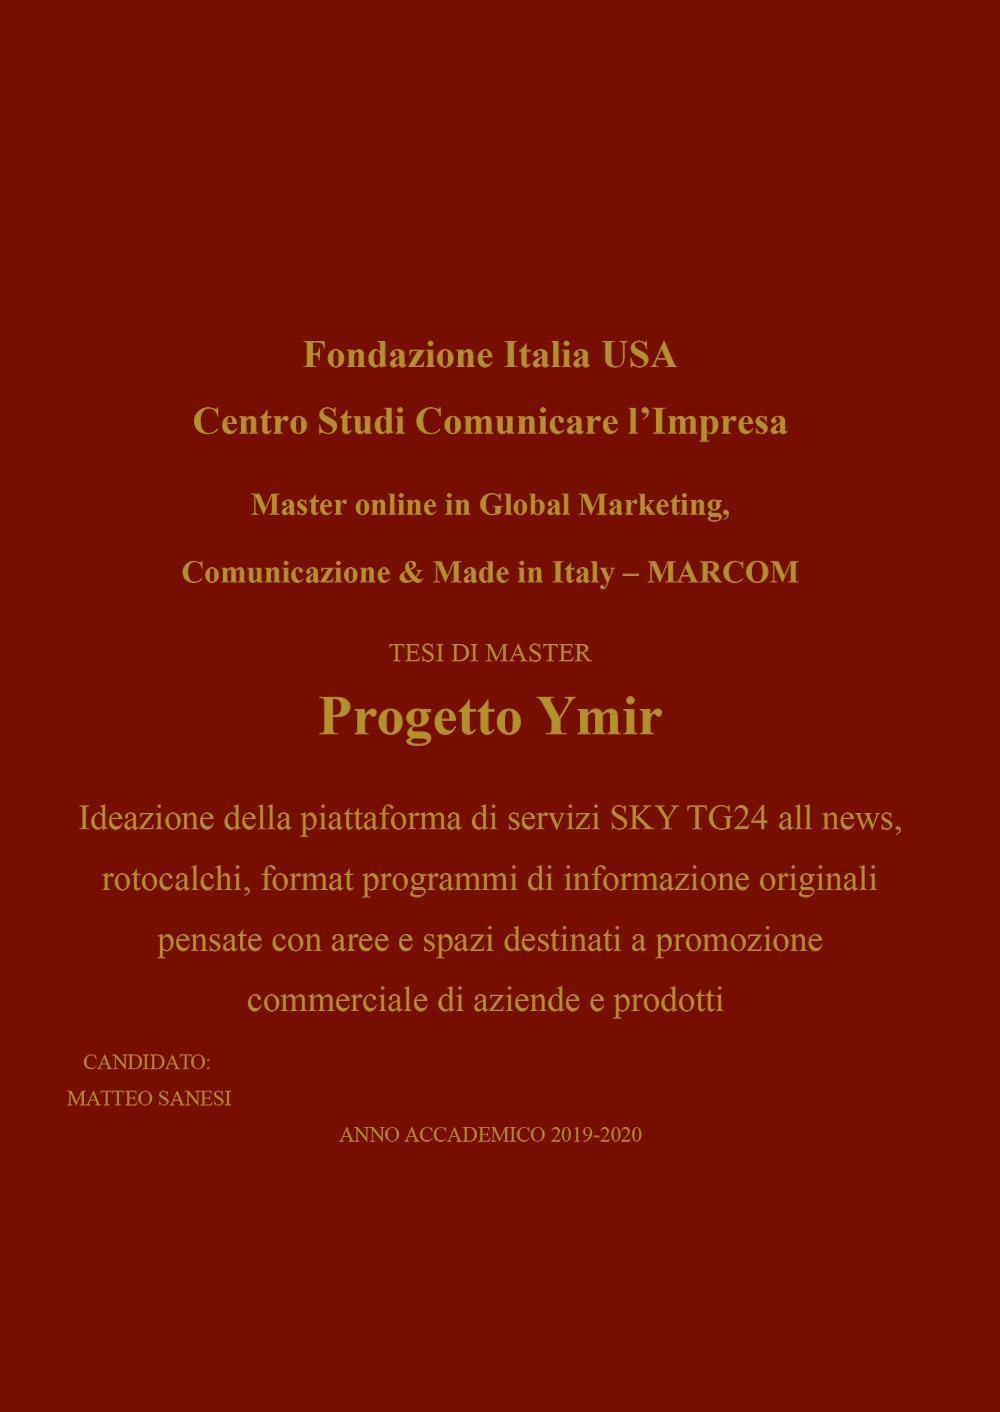 Progetto Ymir - MARCOM